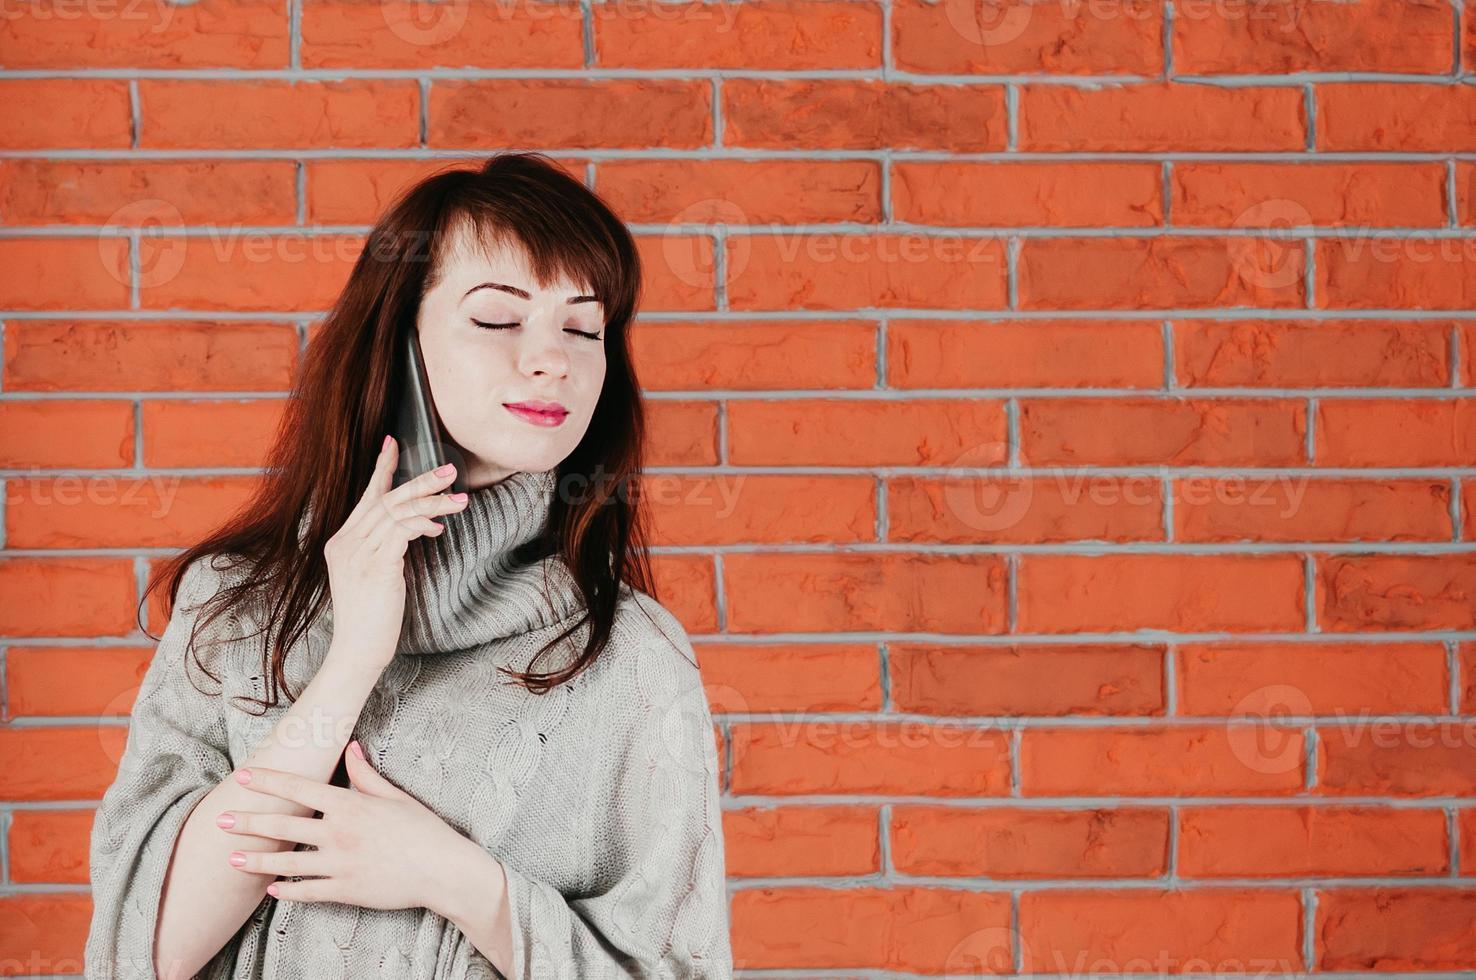 vacker tjej pratar med mobiltelefon, ögonen stängda, drömmande leende foto